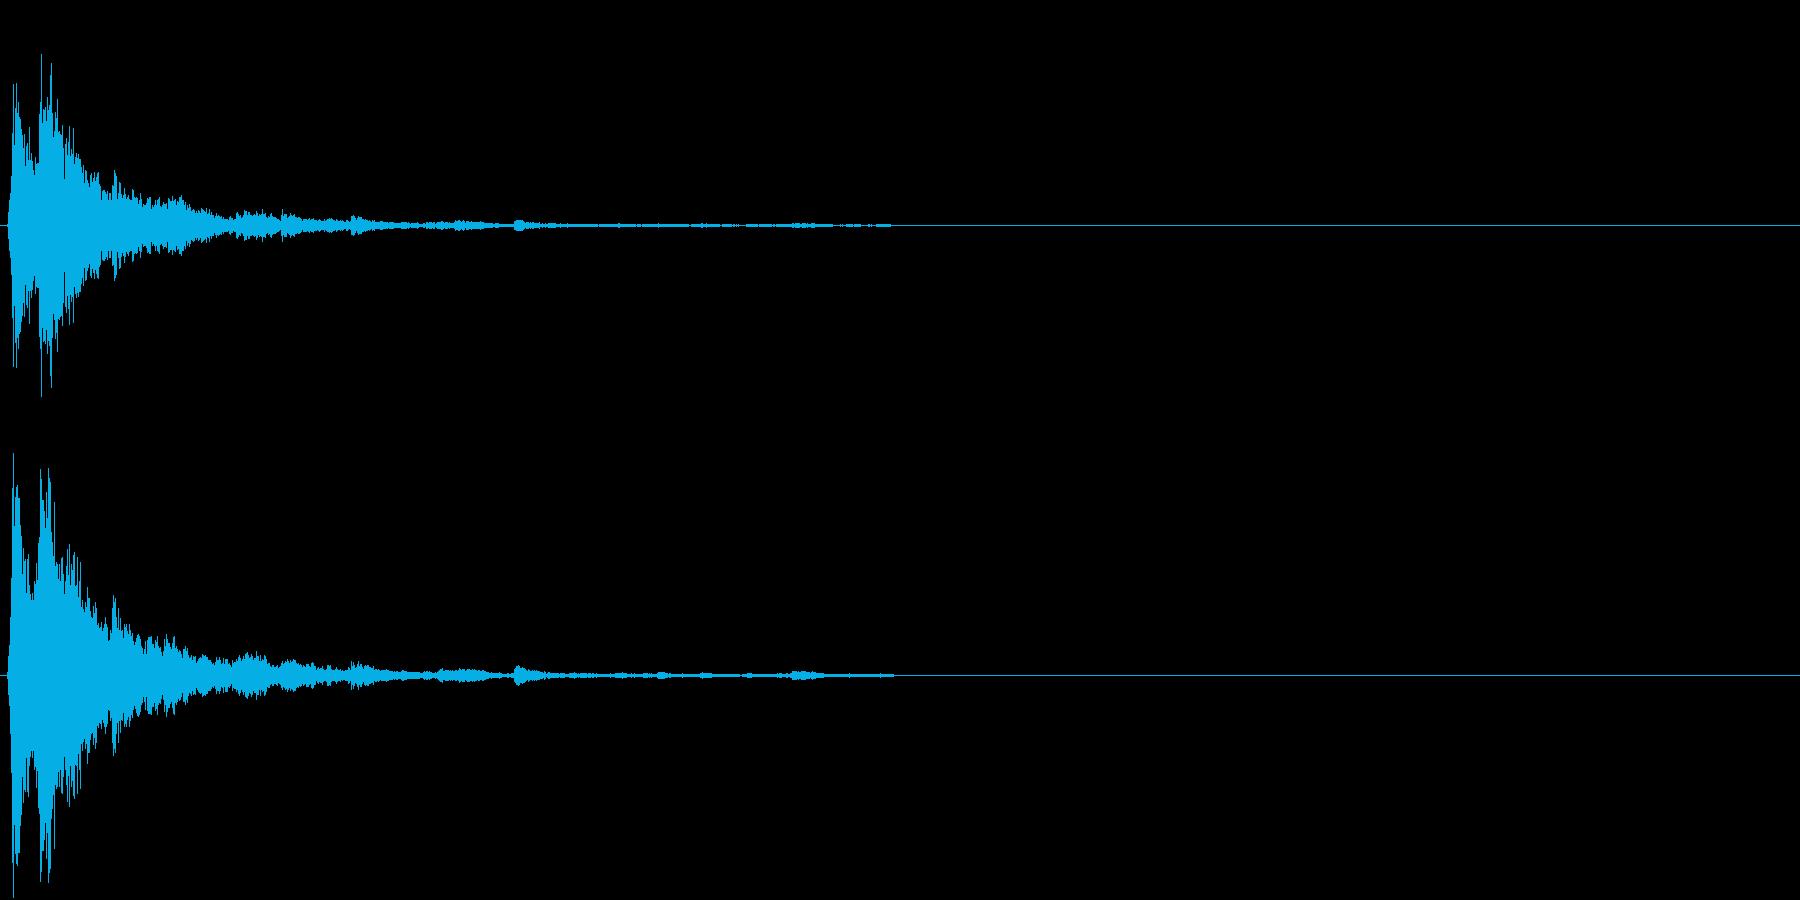 「シャシャーン」象徴的なソリベルの音2の再生済みの波形